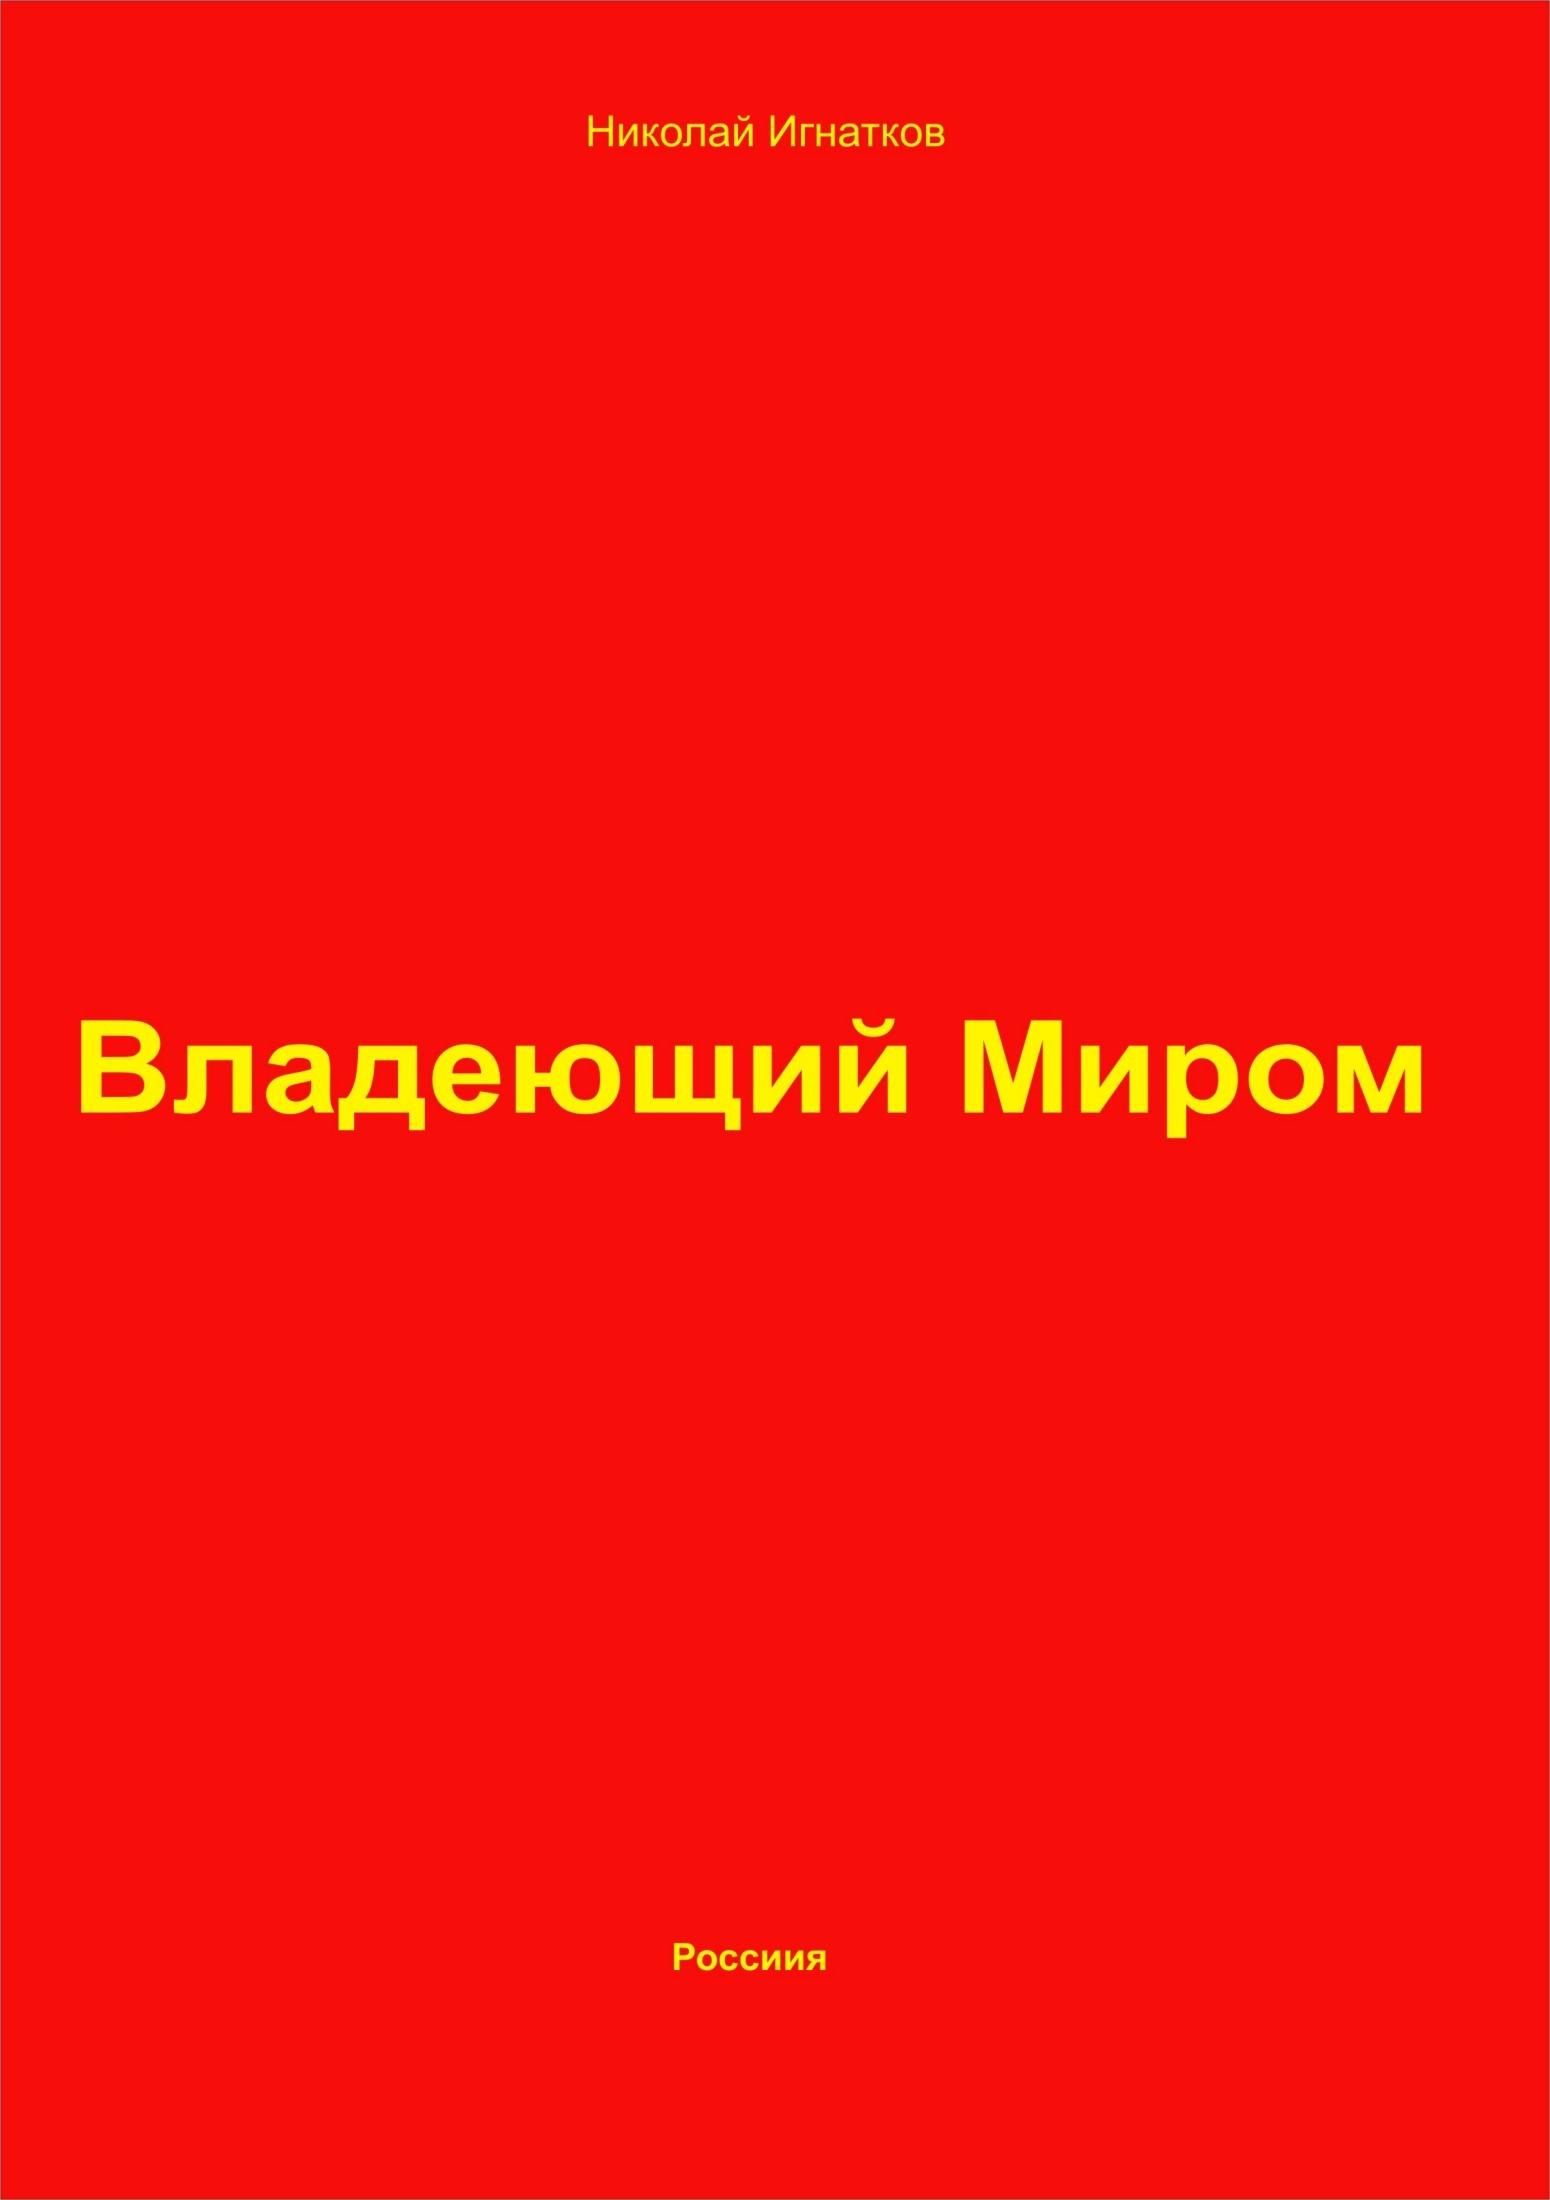 Николай Викторович Игнатков Владеющий Миром рунов владимир викторович мартышка